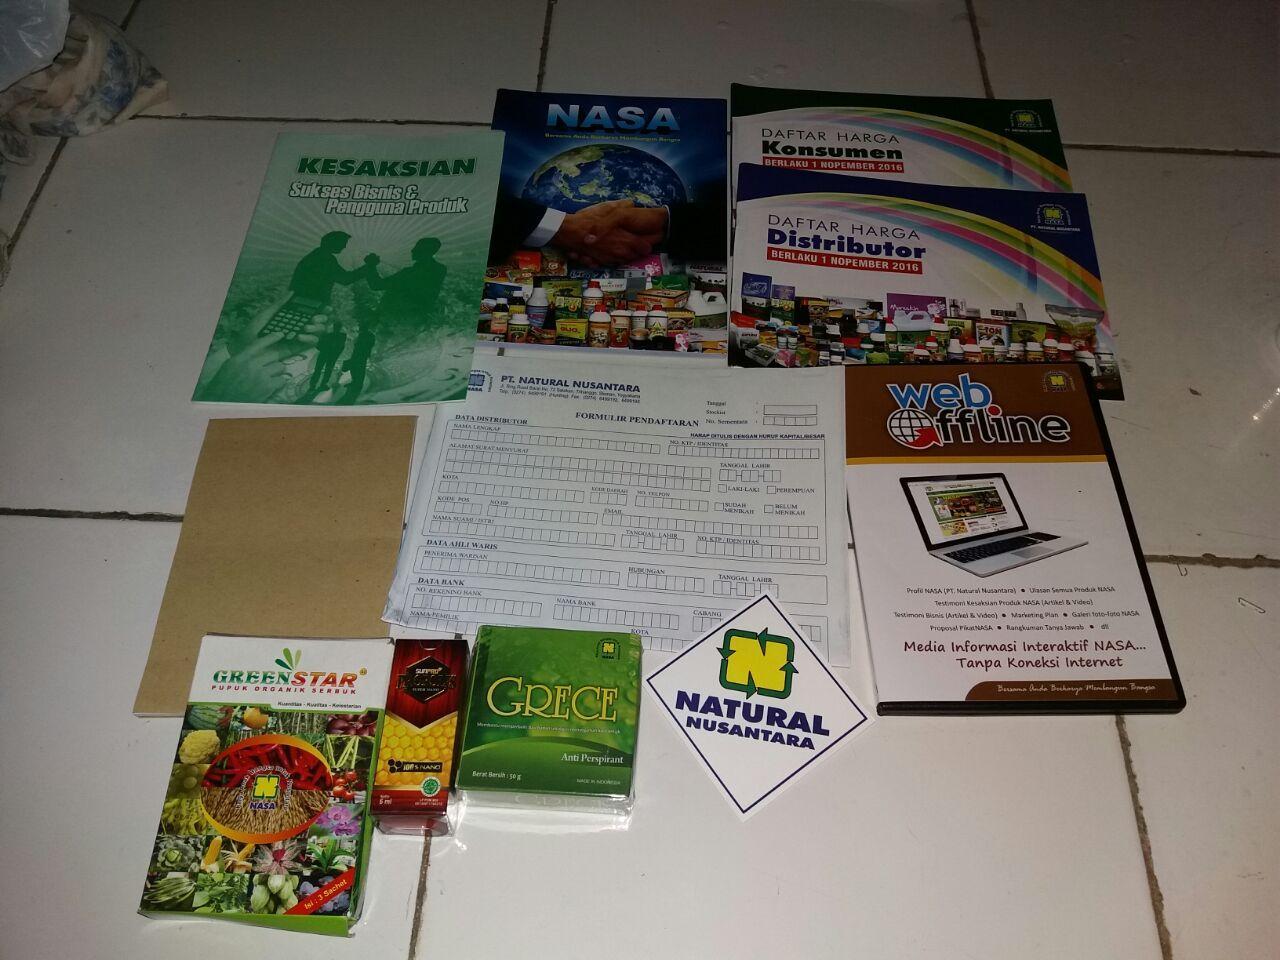 Peket Pendaftaran Member Distributor Resmi Nasa Daftar Harga Penan